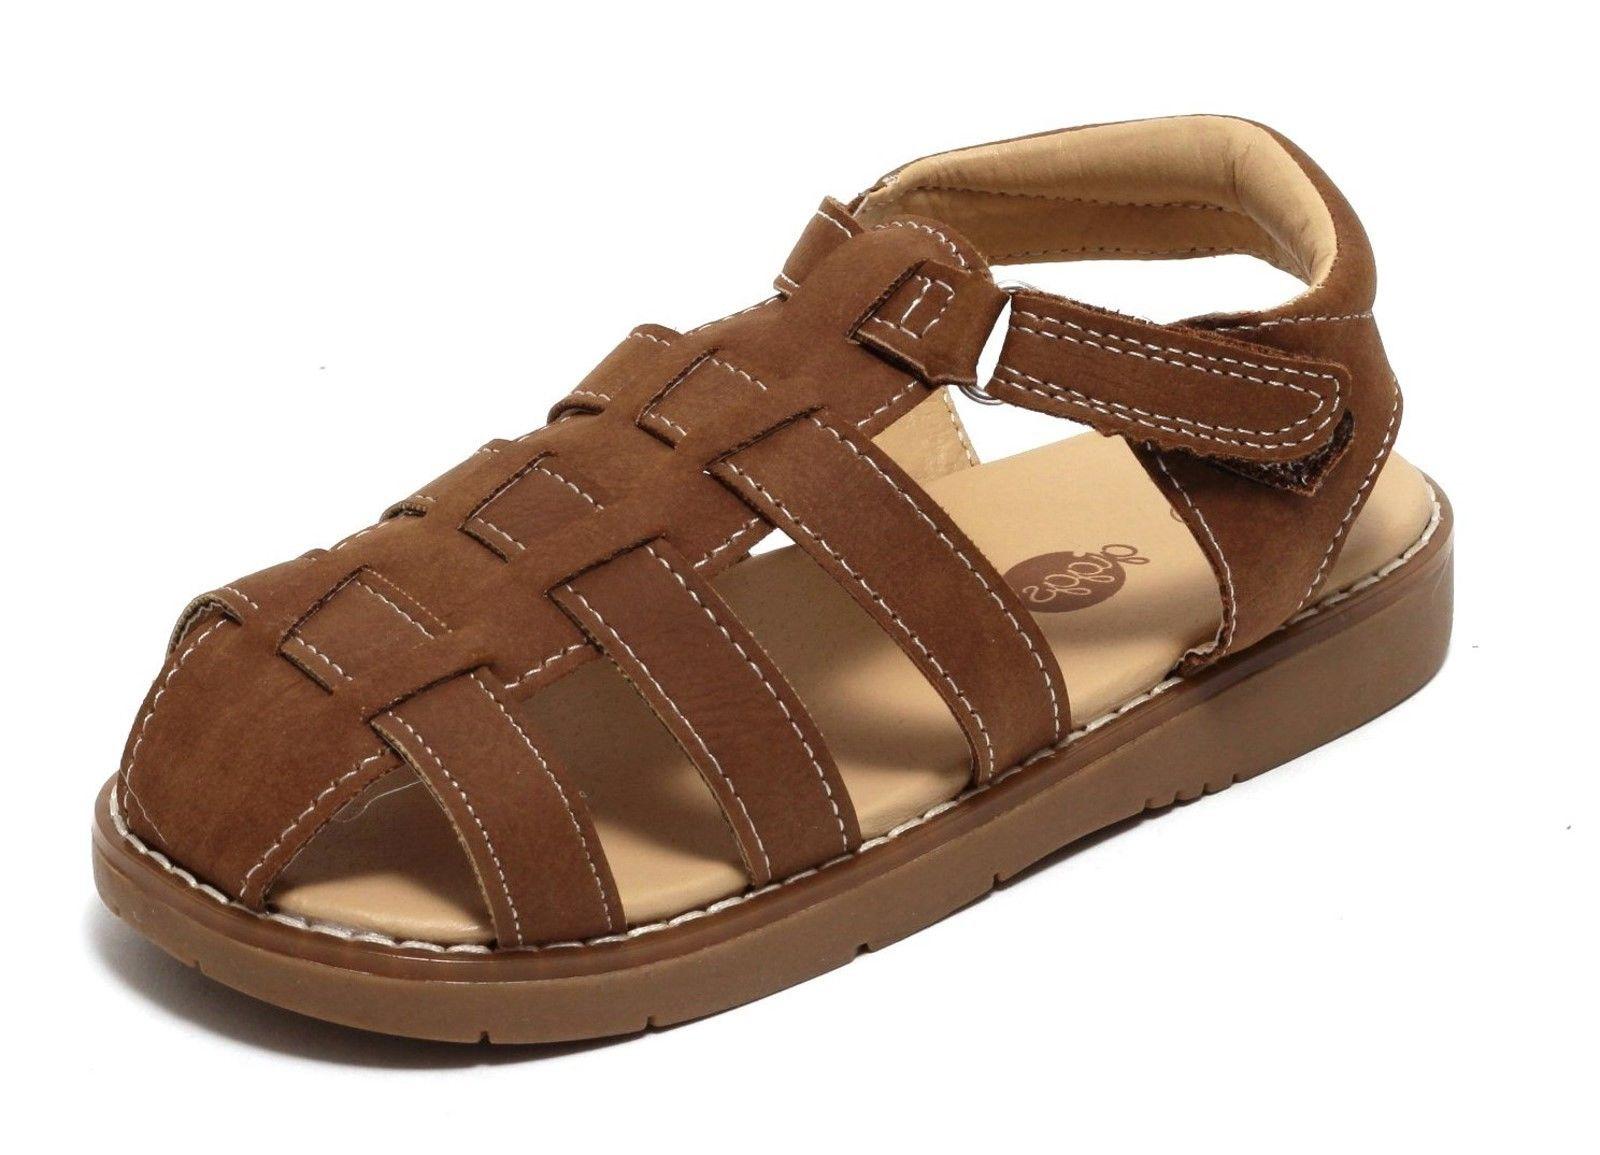 kinder sandalen sandalette gr 21 28 kinderschuhe. Black Bedroom Furniture Sets. Home Design Ideas